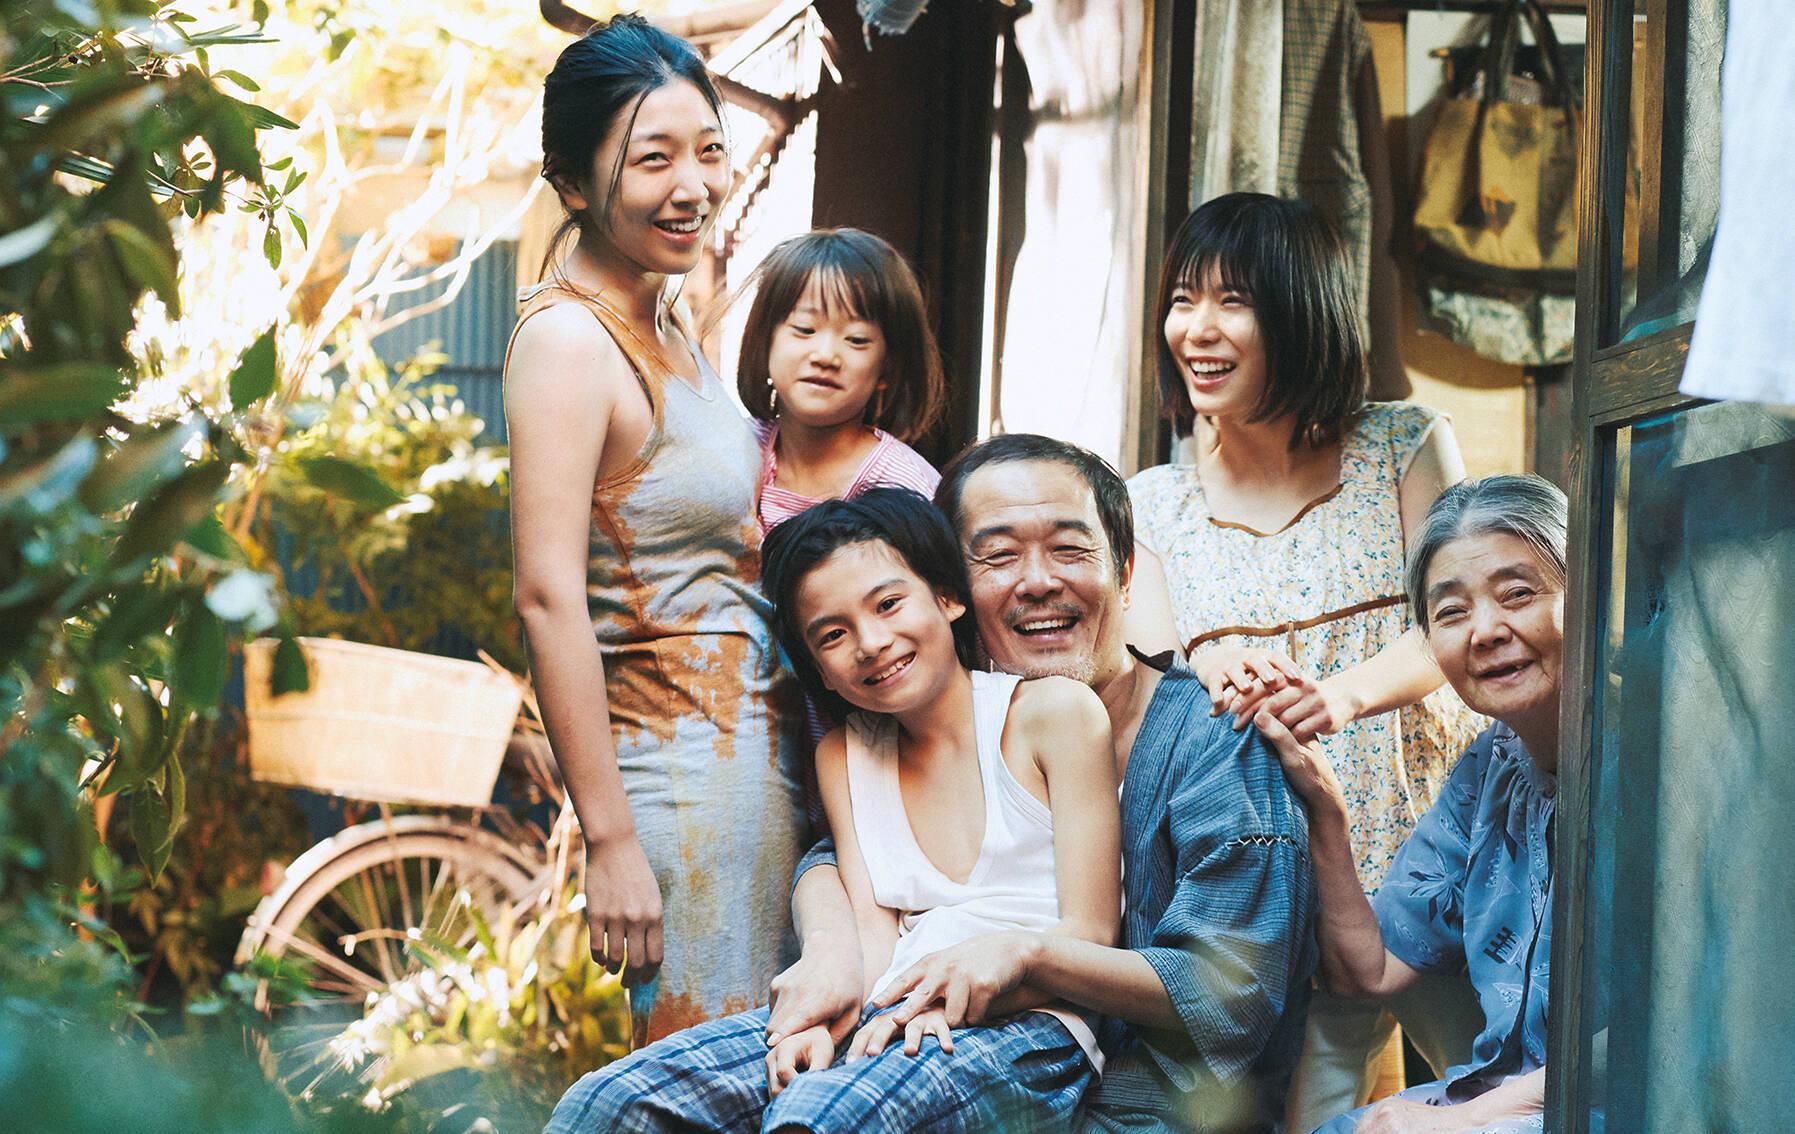 """""""Assunto de Família"""", filme que venceu a Palma de Ouro em Cannes, mostra a história de pai e filho que se deparam com uma garotinha e após relutarem em abrigar a menina, a matriarca da família, que é pobre, concorda em cuidar da pequena. Logo eles passam a viver felizes juntos até que um incidente revela segredos escondidos, testando os laços que os unem. Foto: Divulgação"""